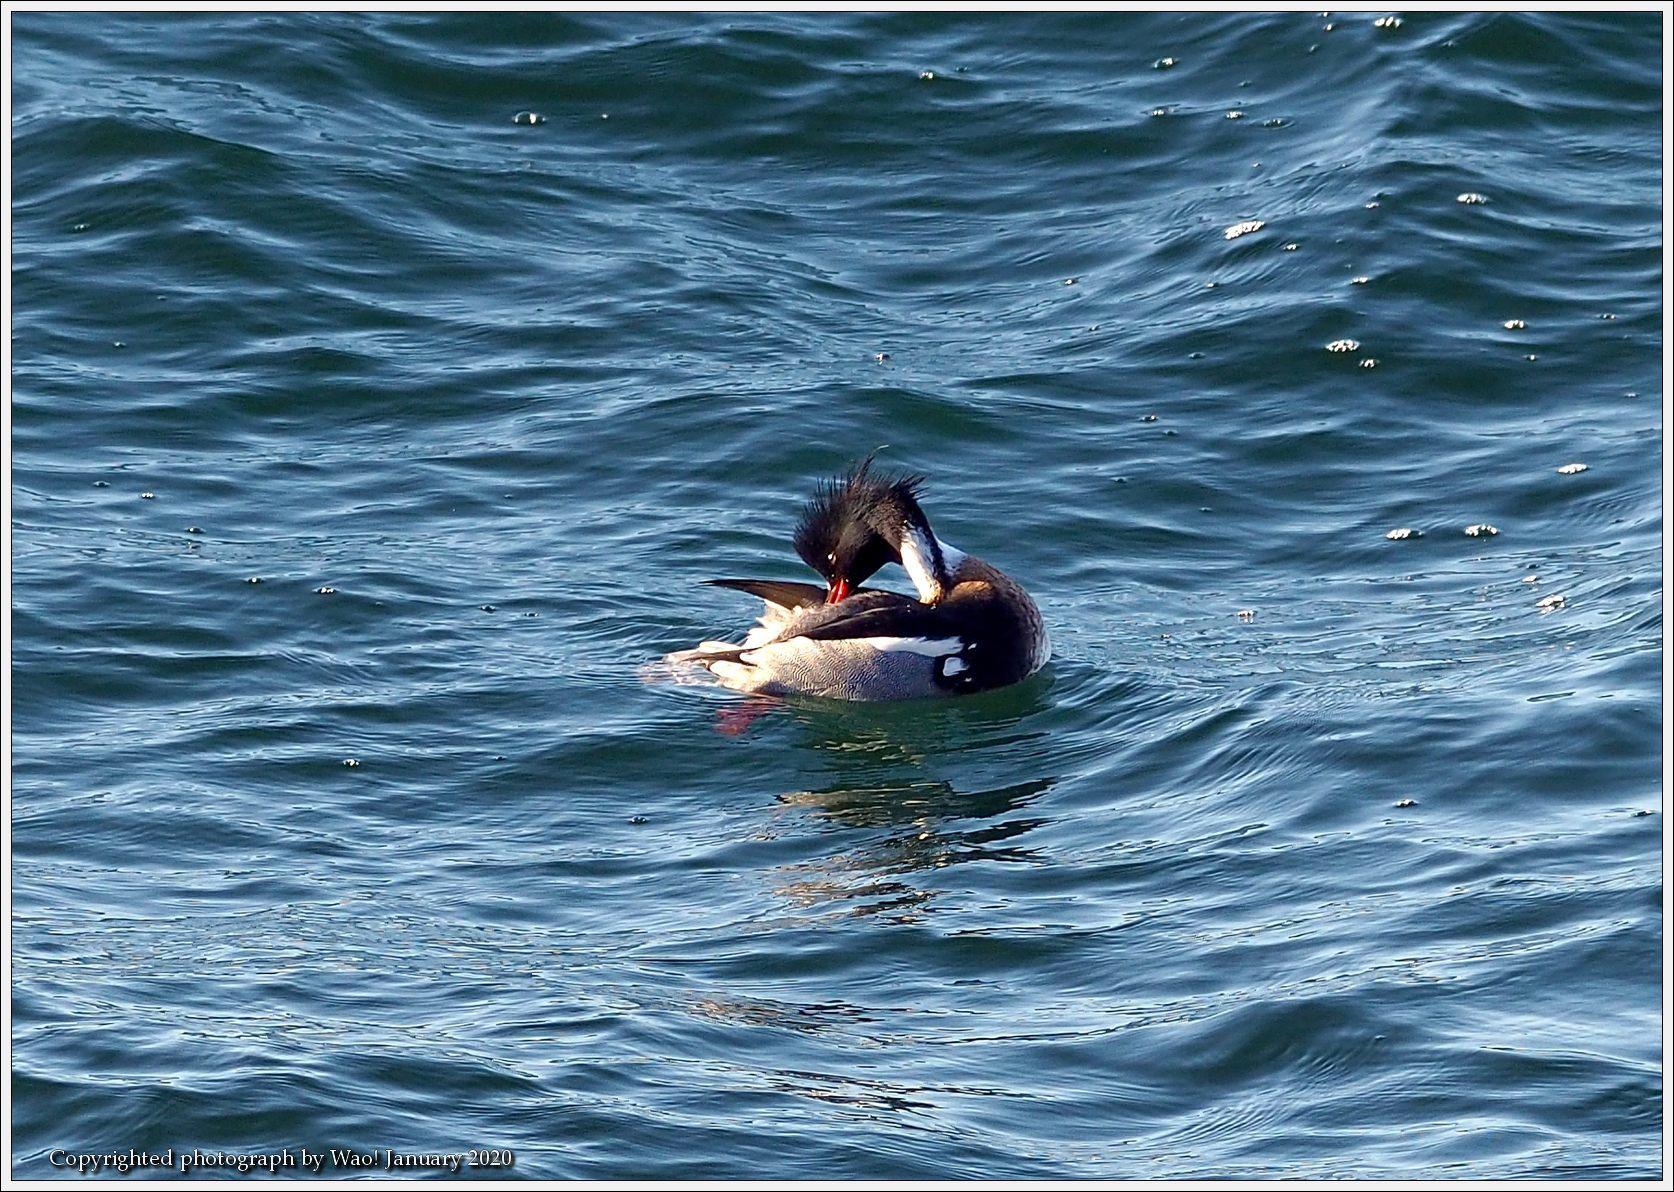 ウミアイサ 内湾で_c0198669_17425085.jpg